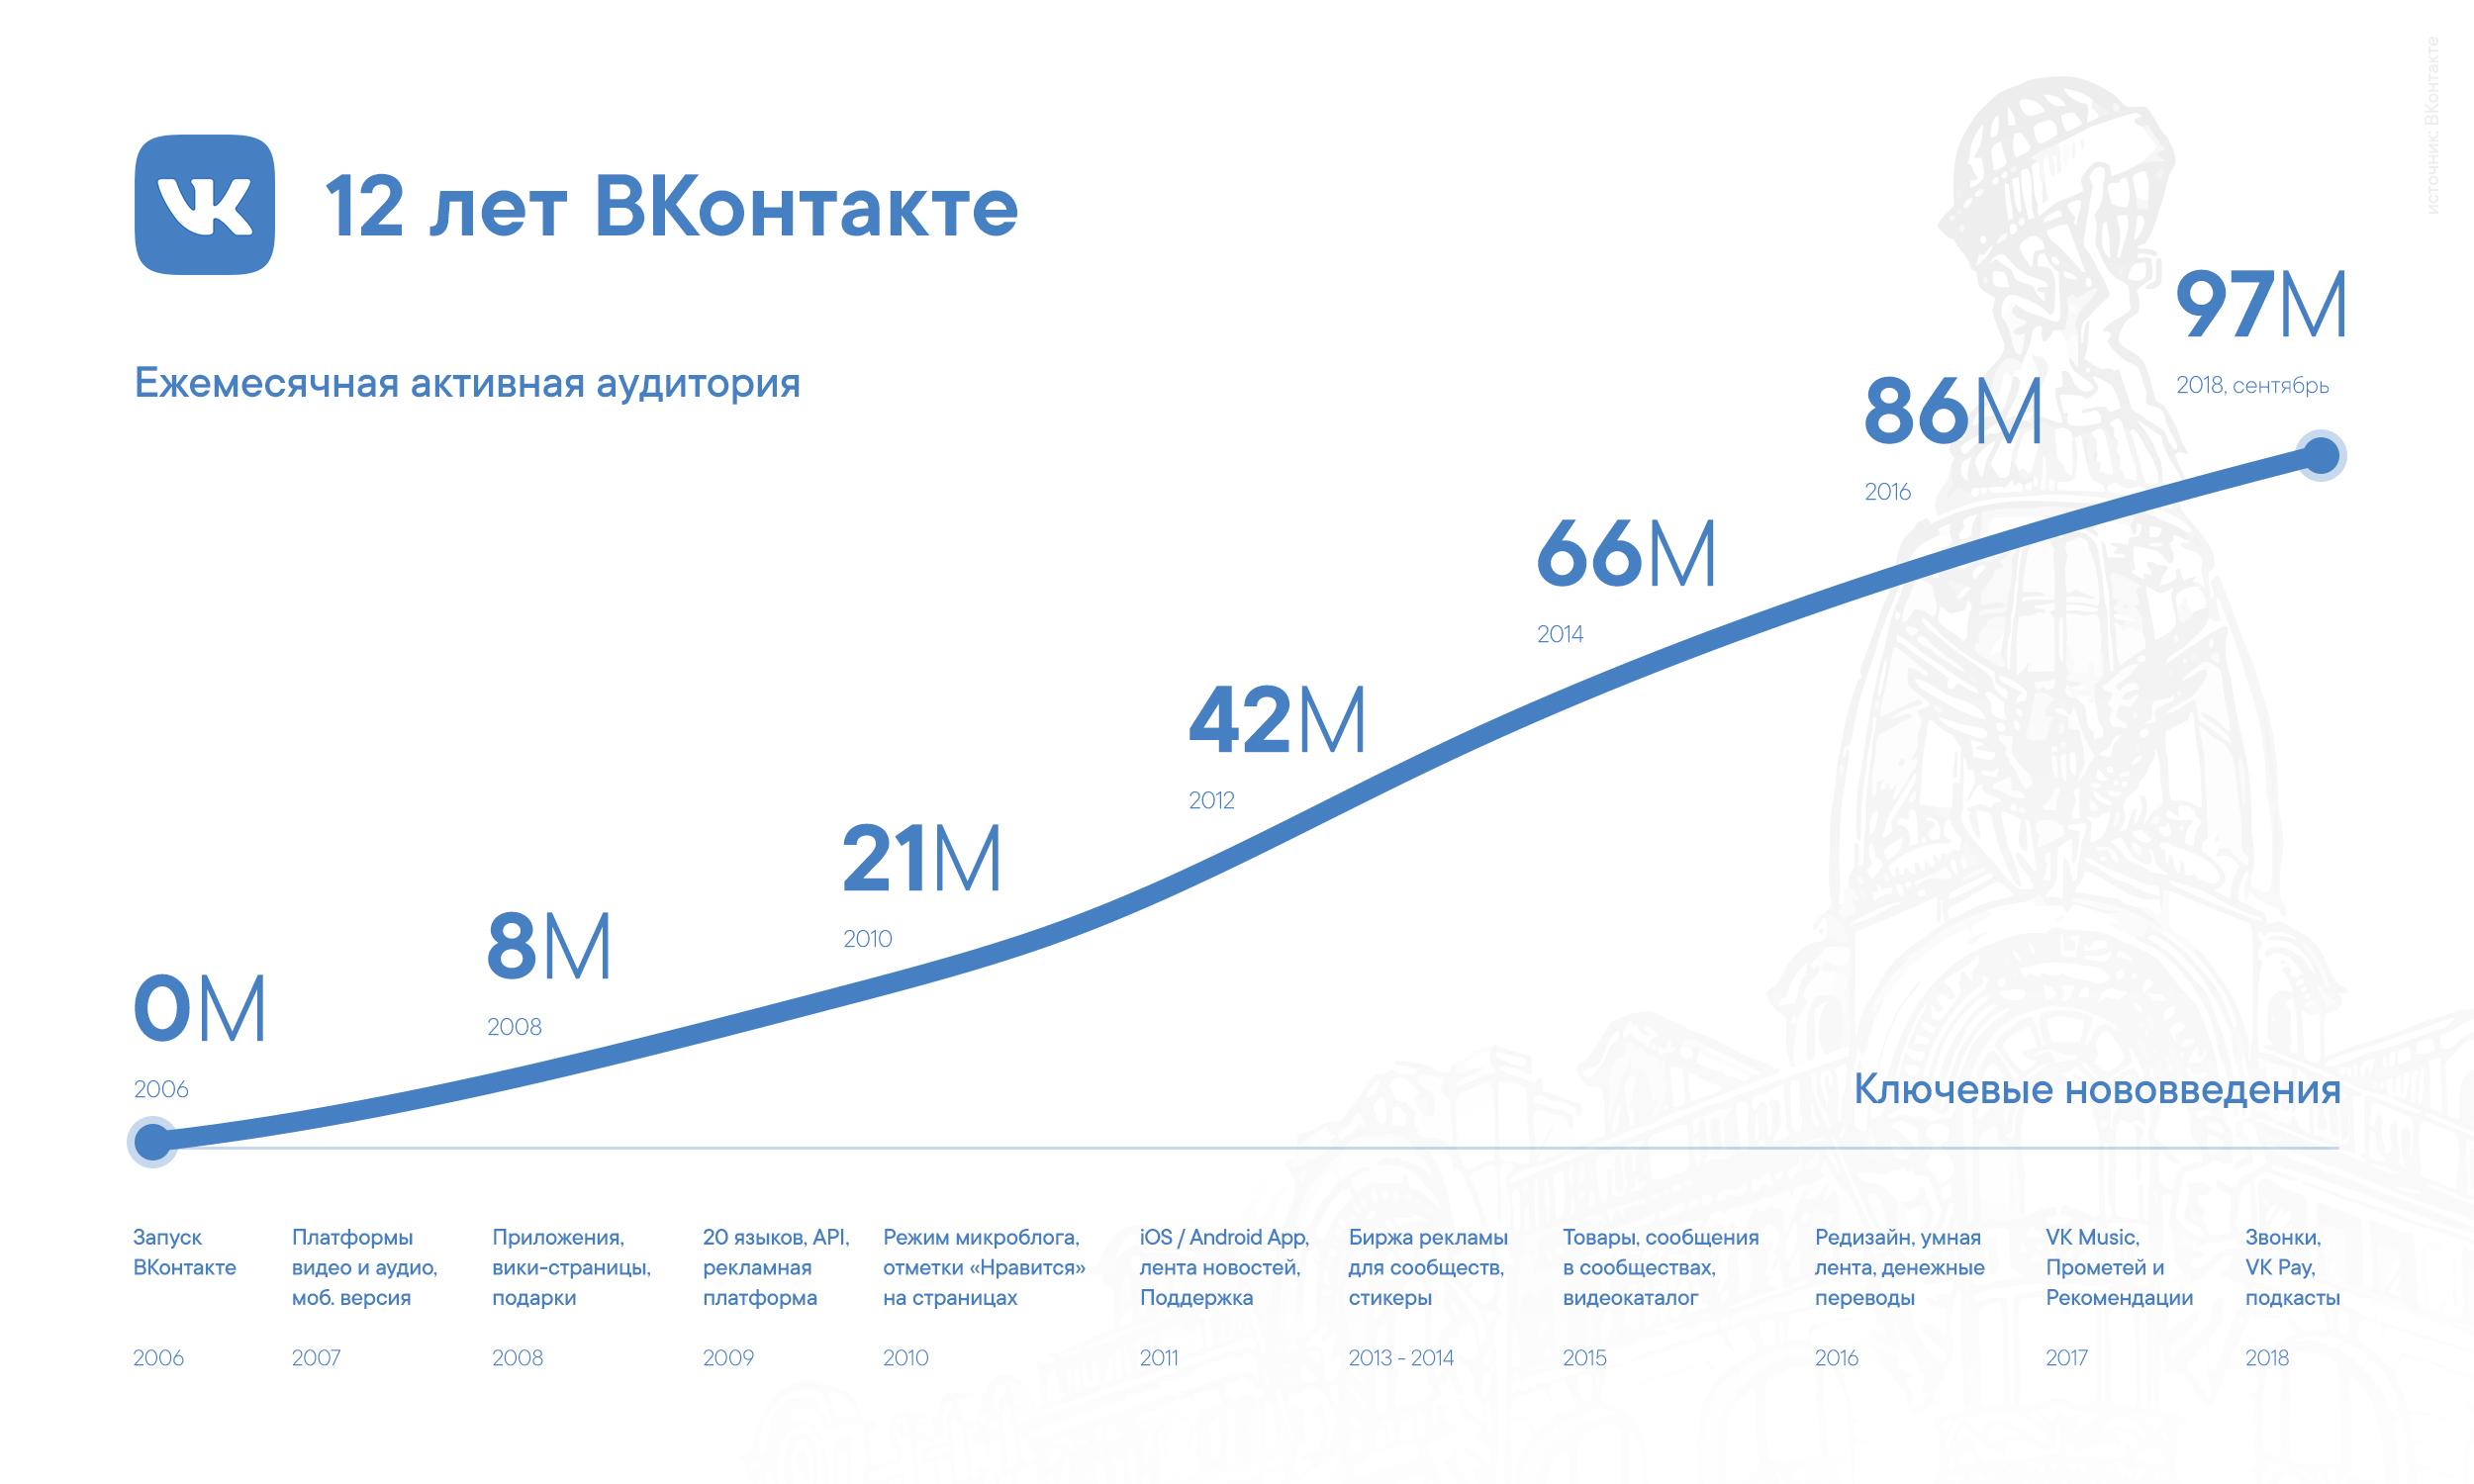 рост аудитории Вконтакте 12 лет